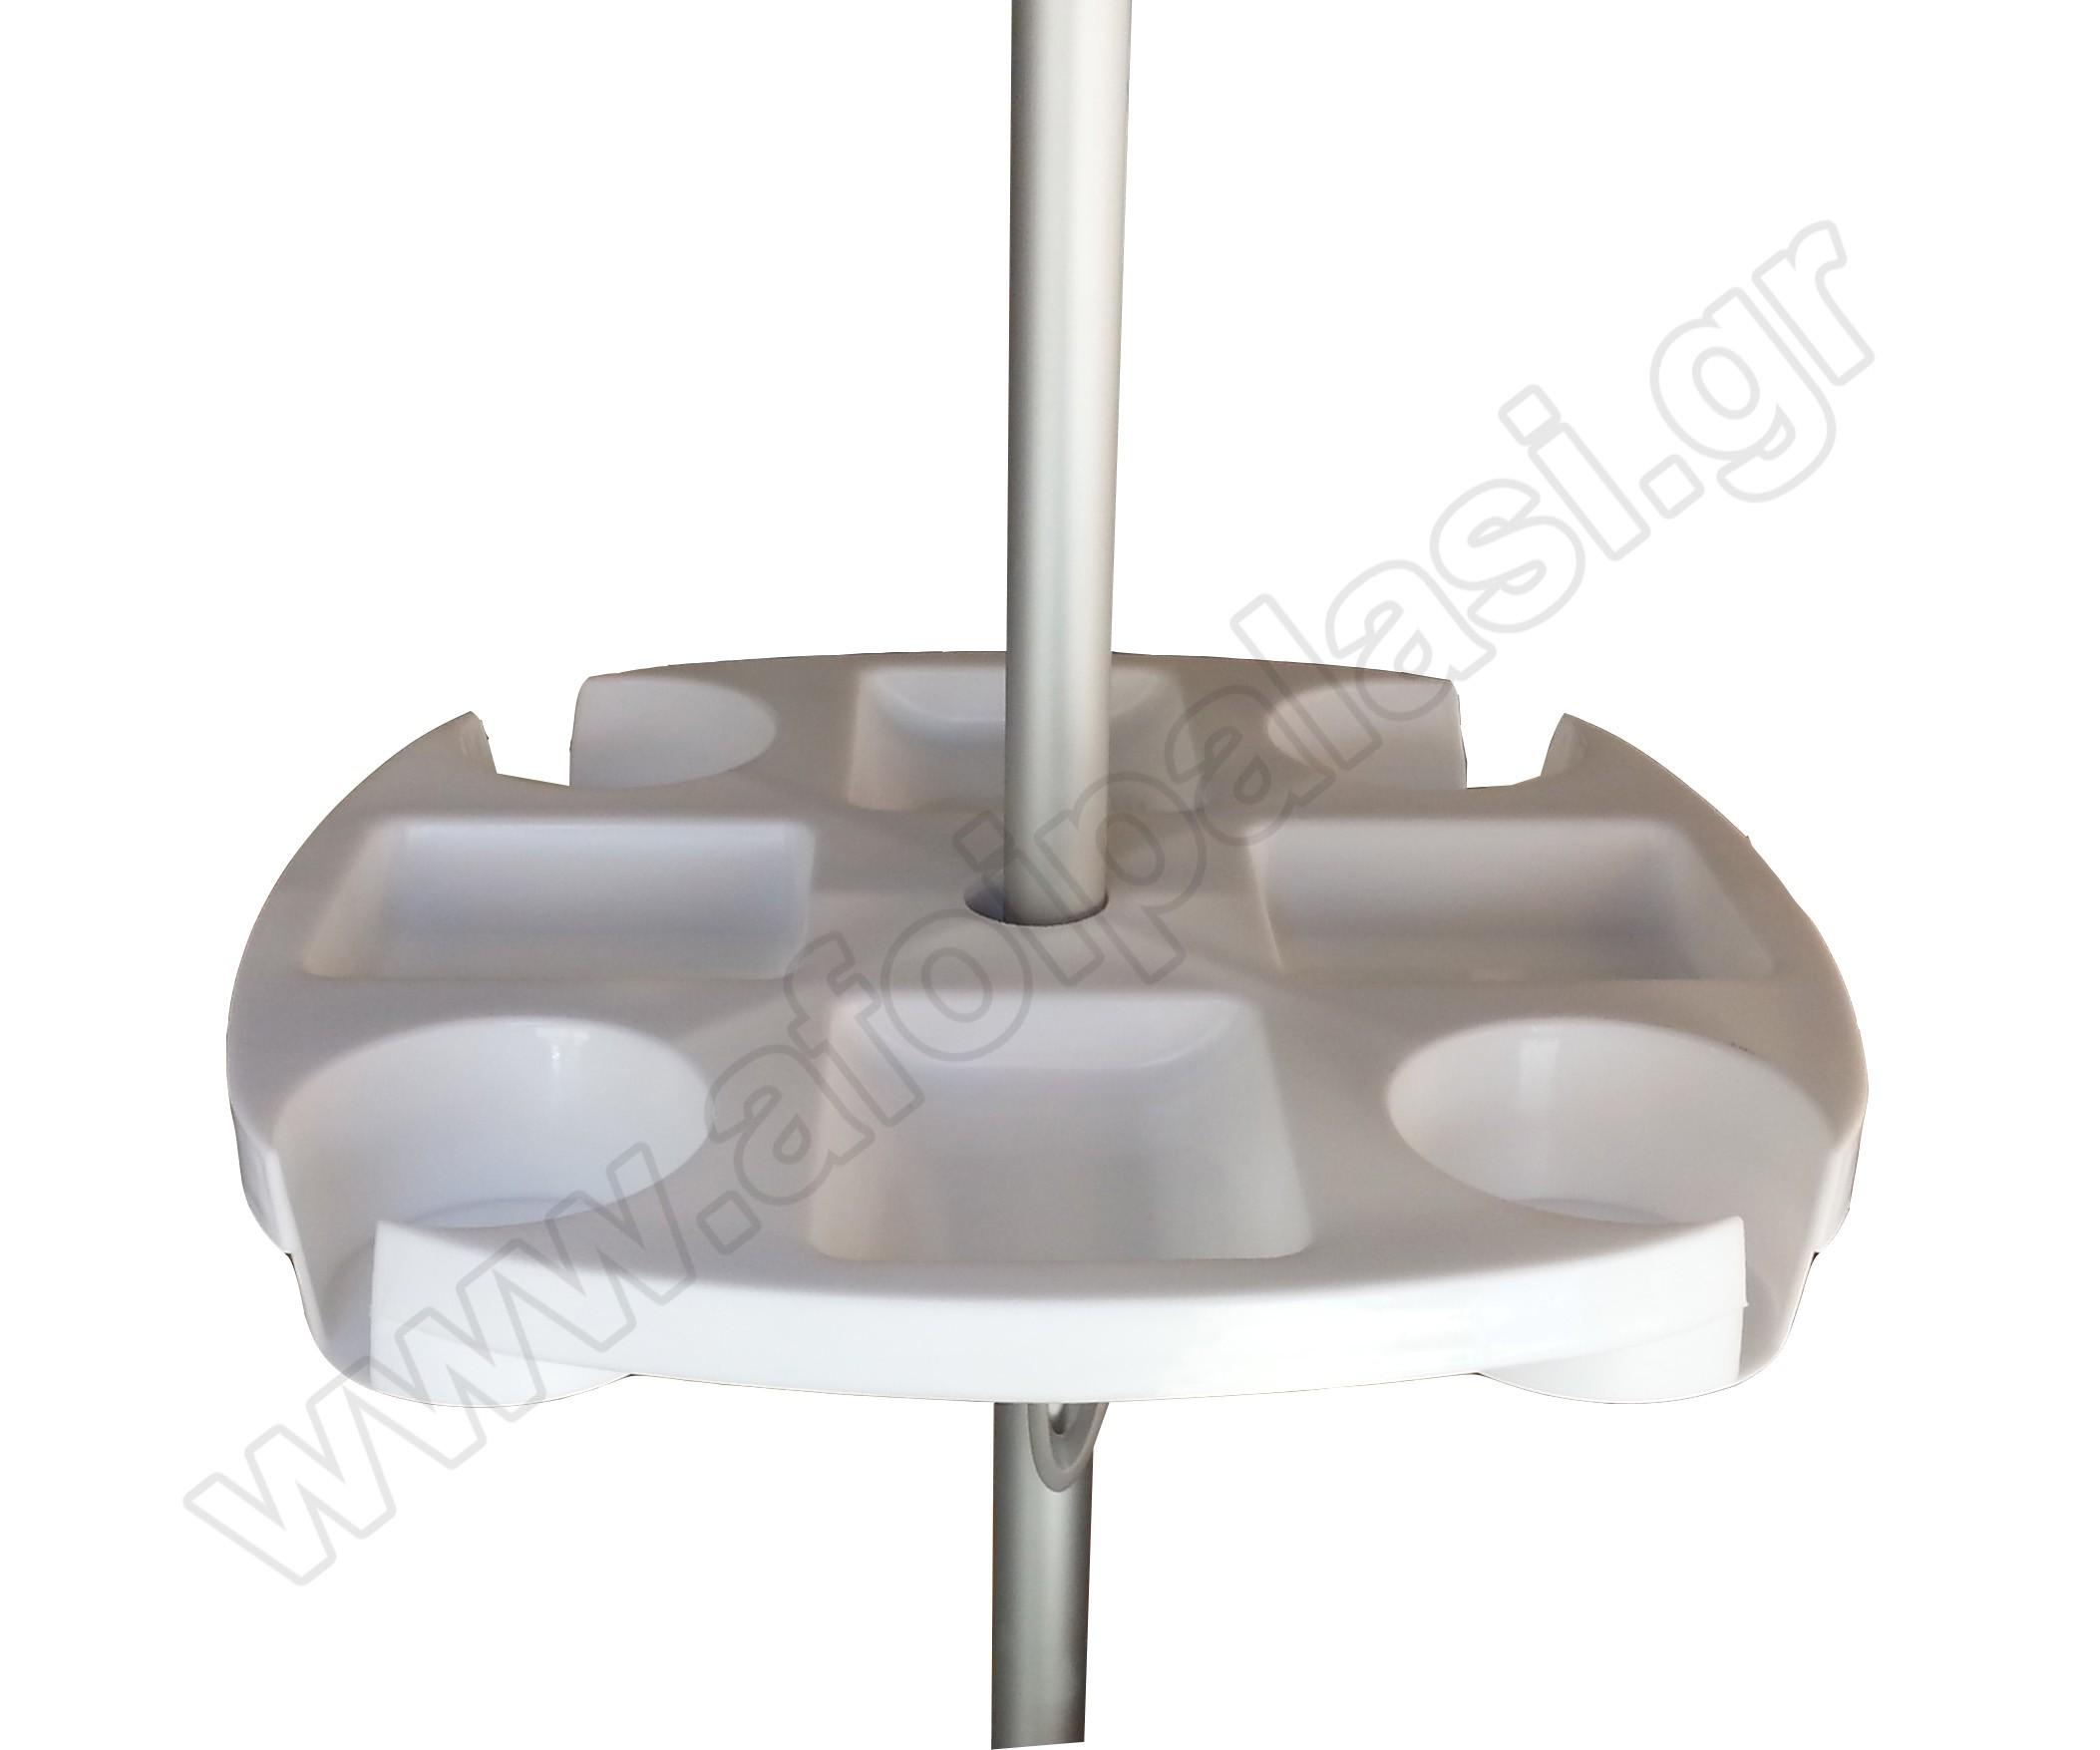 Τραπέζι για ομπρέλα παραλίας 43x43cm